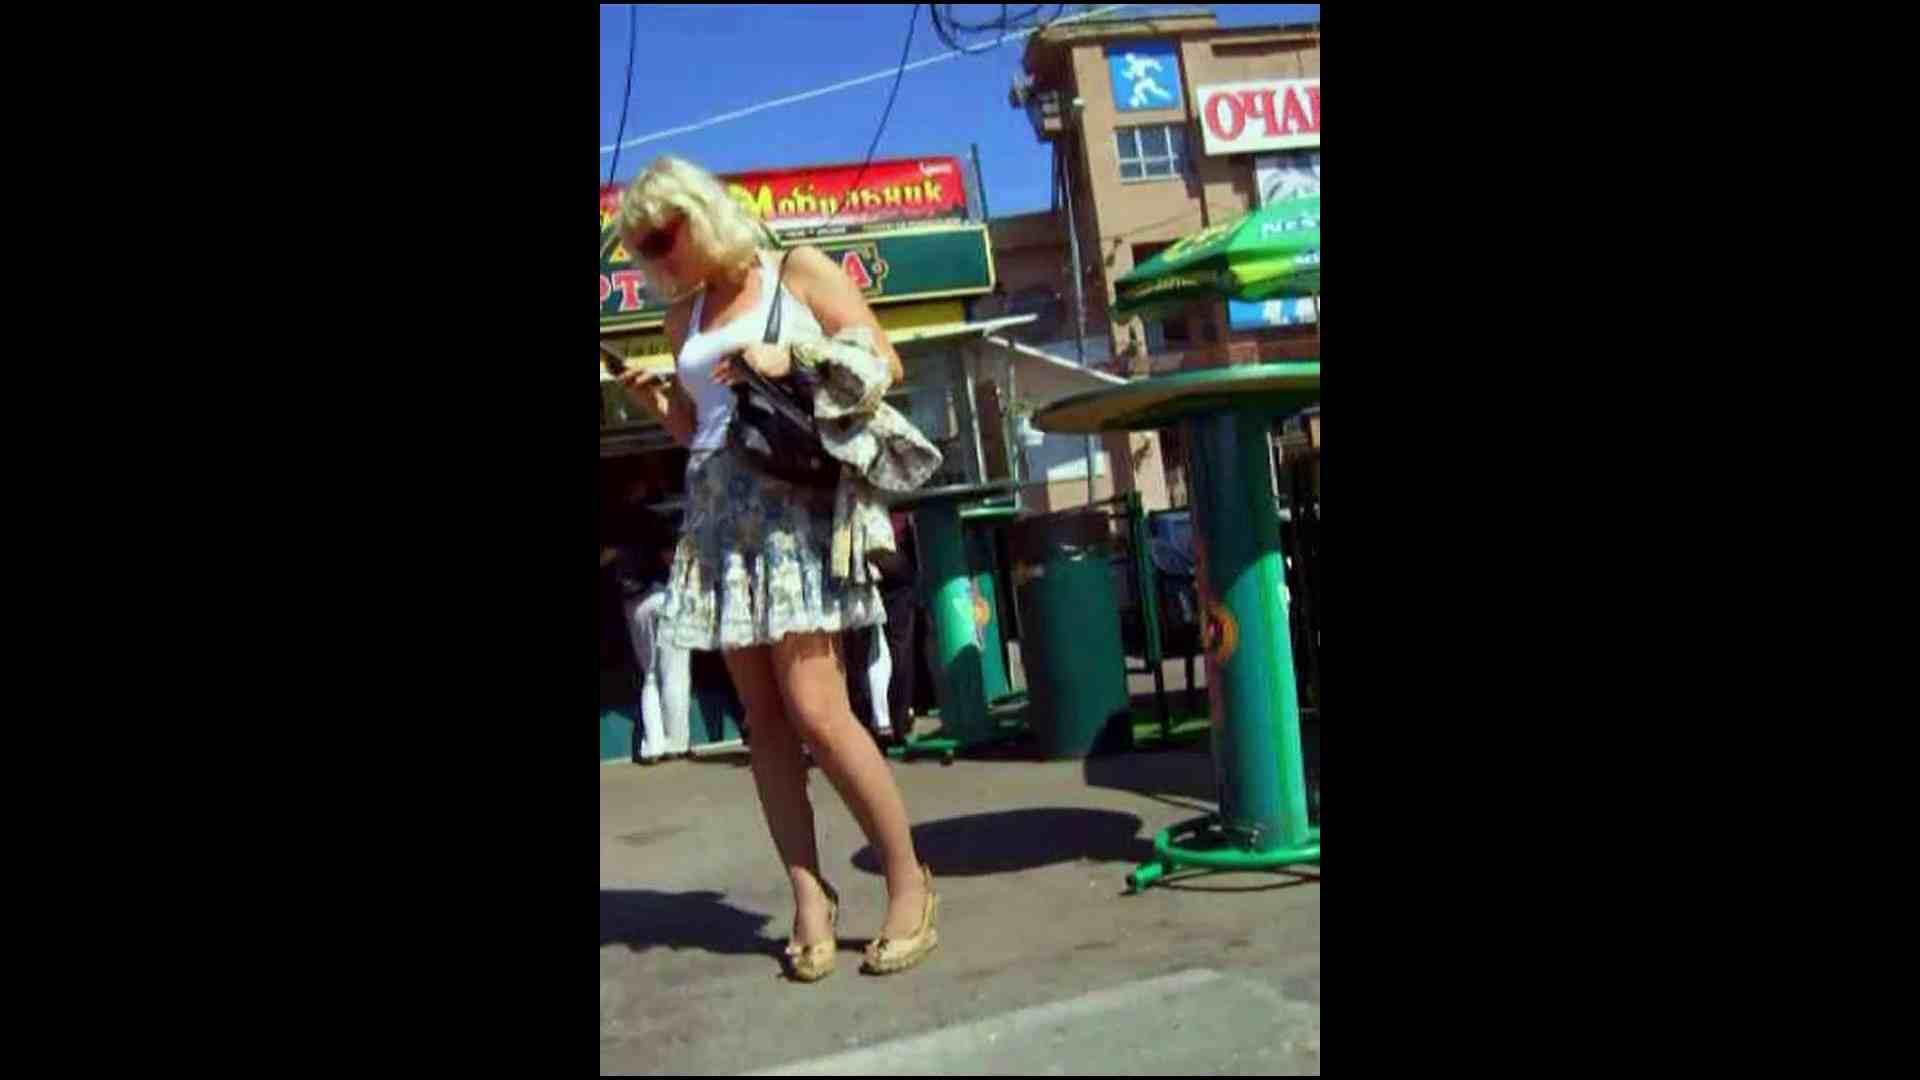 綺麗なモデルさんのスカート捲っちゃおう‼vol04 モデル スケベ動画紹介 82pic 56